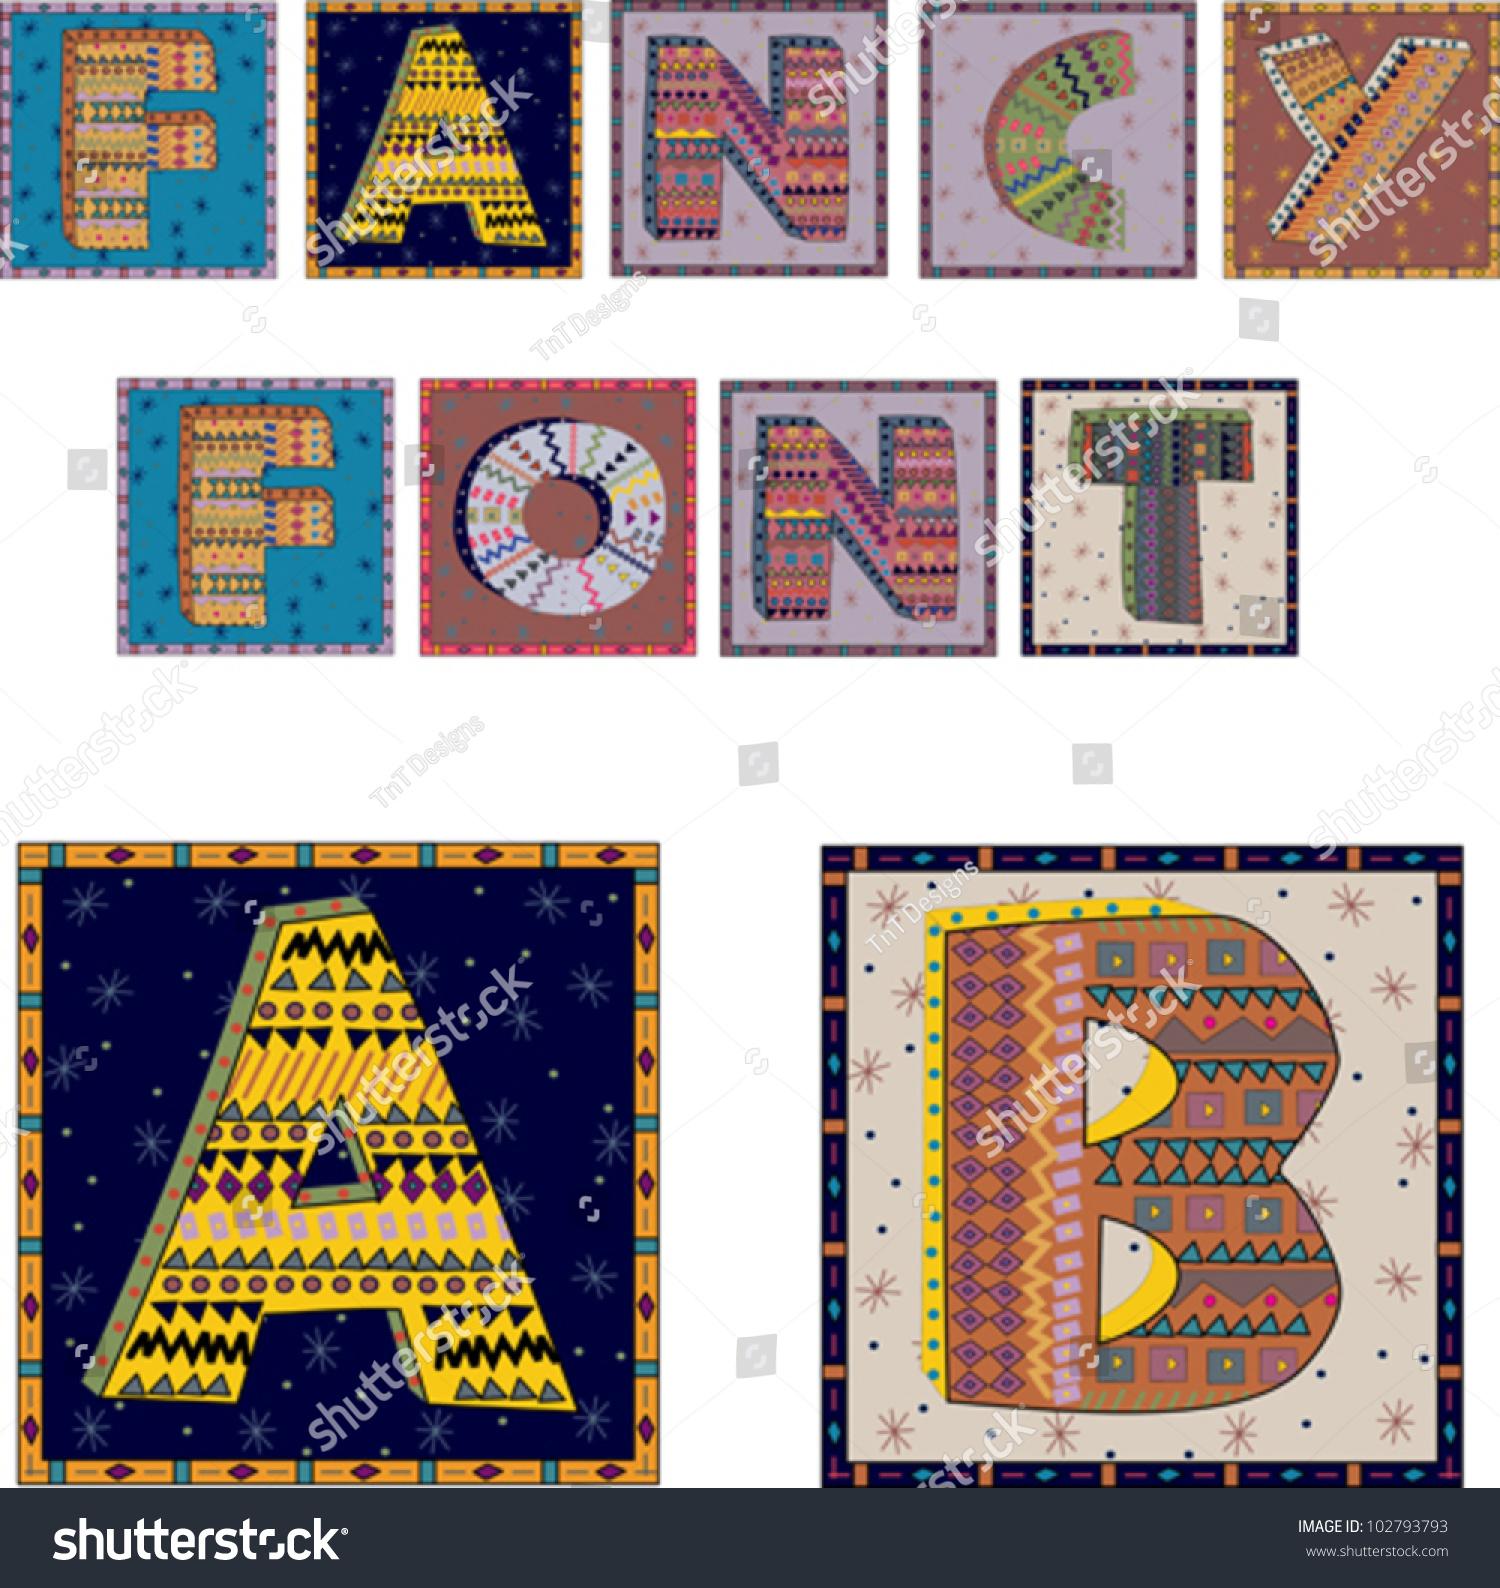 Decorative Letters Fancy Decorative Font Patterned 3d Letters Stock Vector 102793793